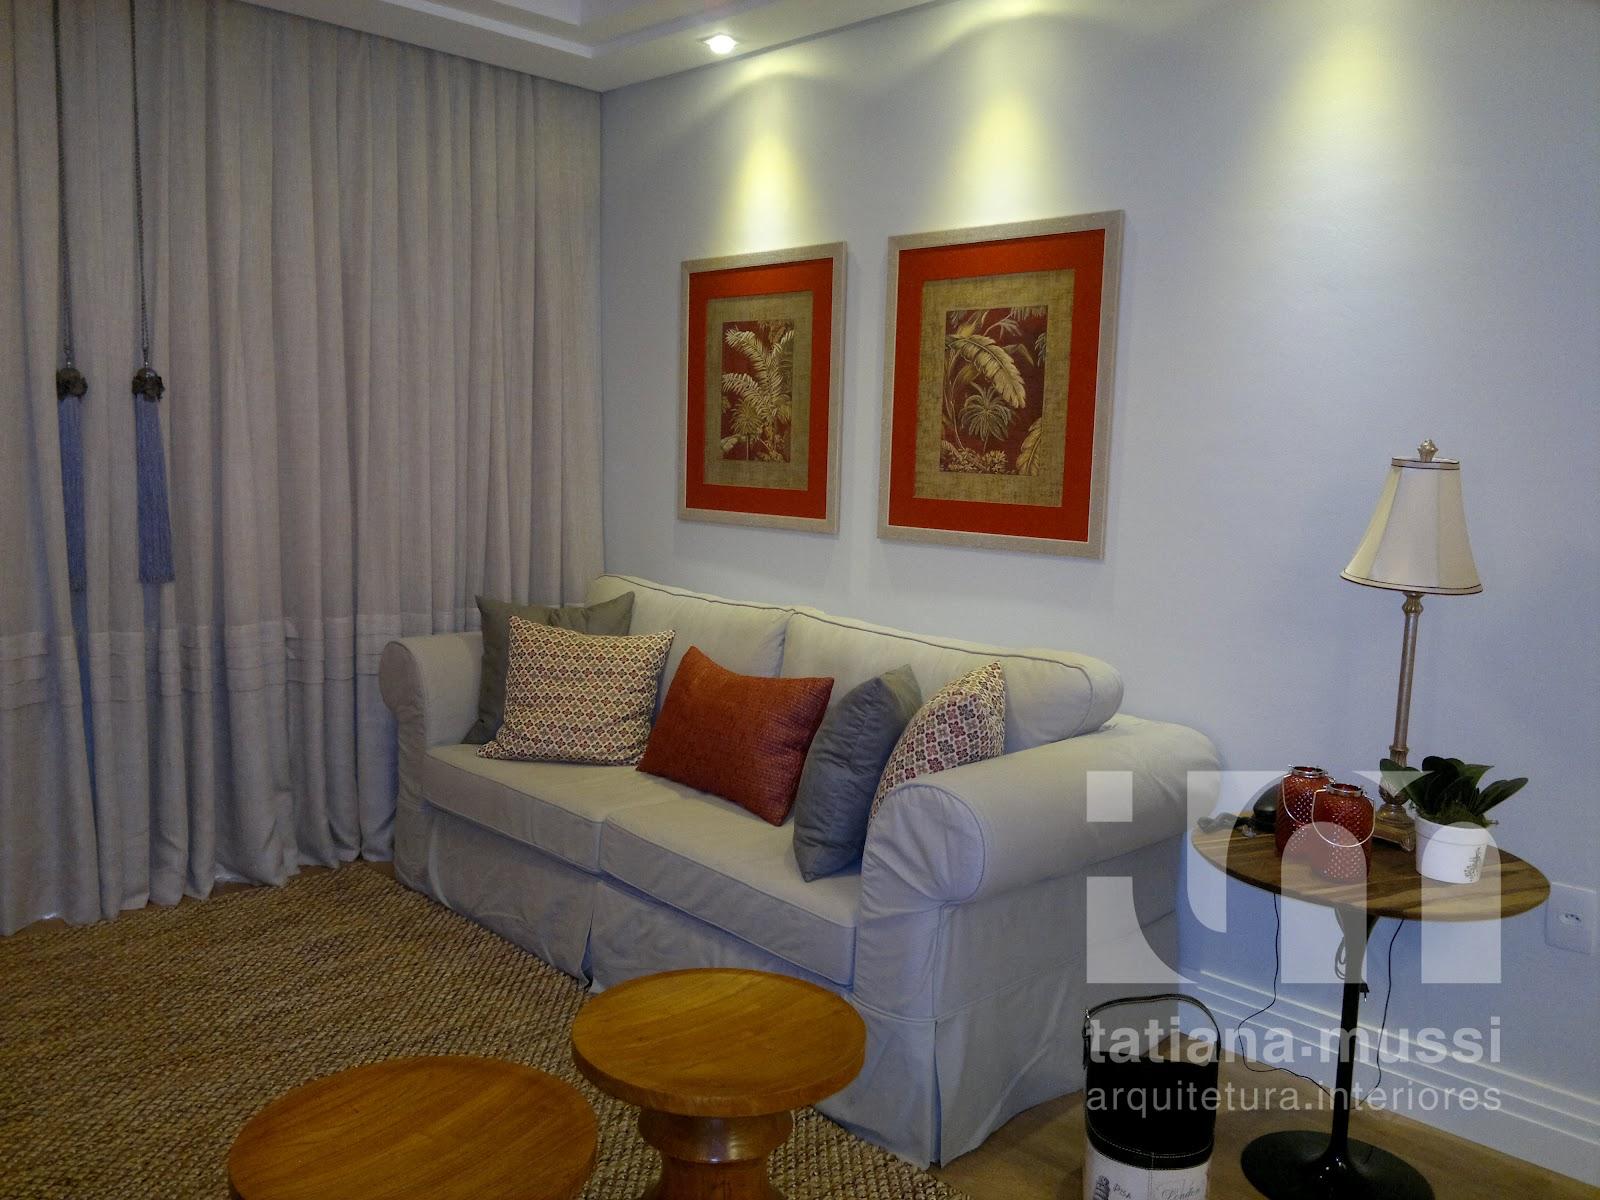 Tatiana Mussi Arquitetura e Interiores: Apartamento na praia #633C19 1600x1200